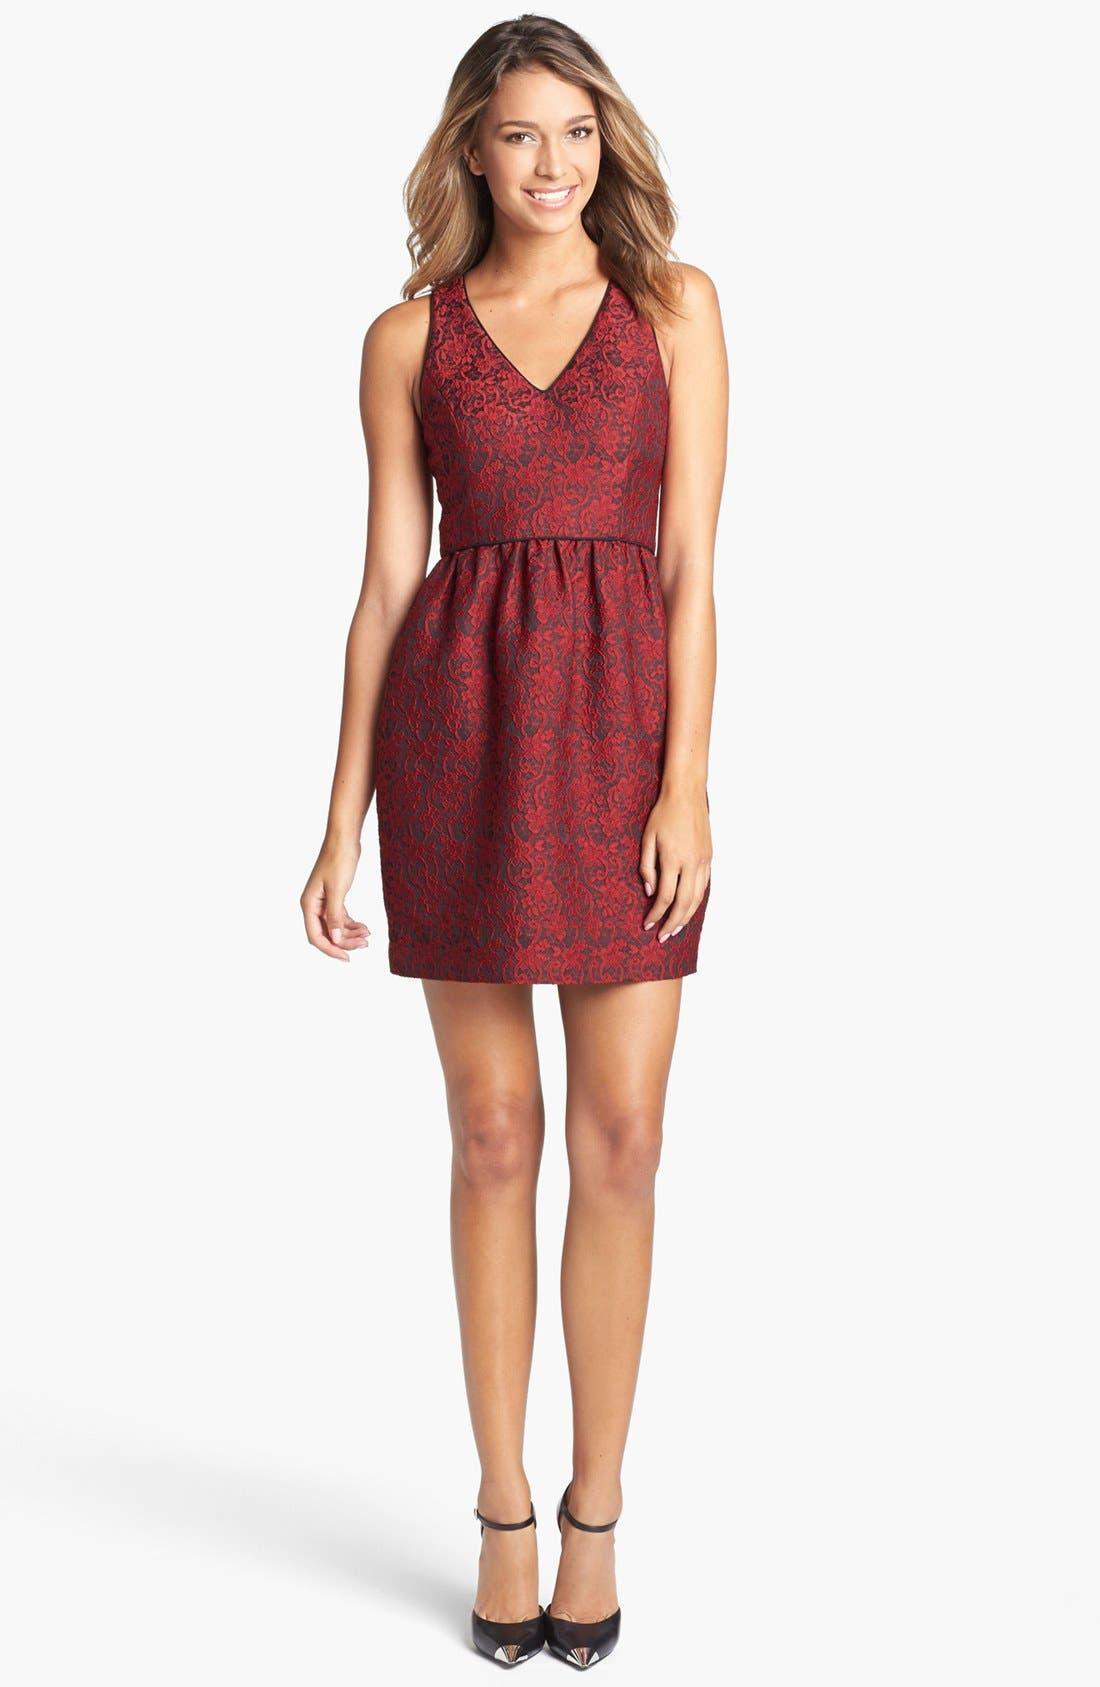 Main Image - 4.collective Lace Appliqué Sheath Dress